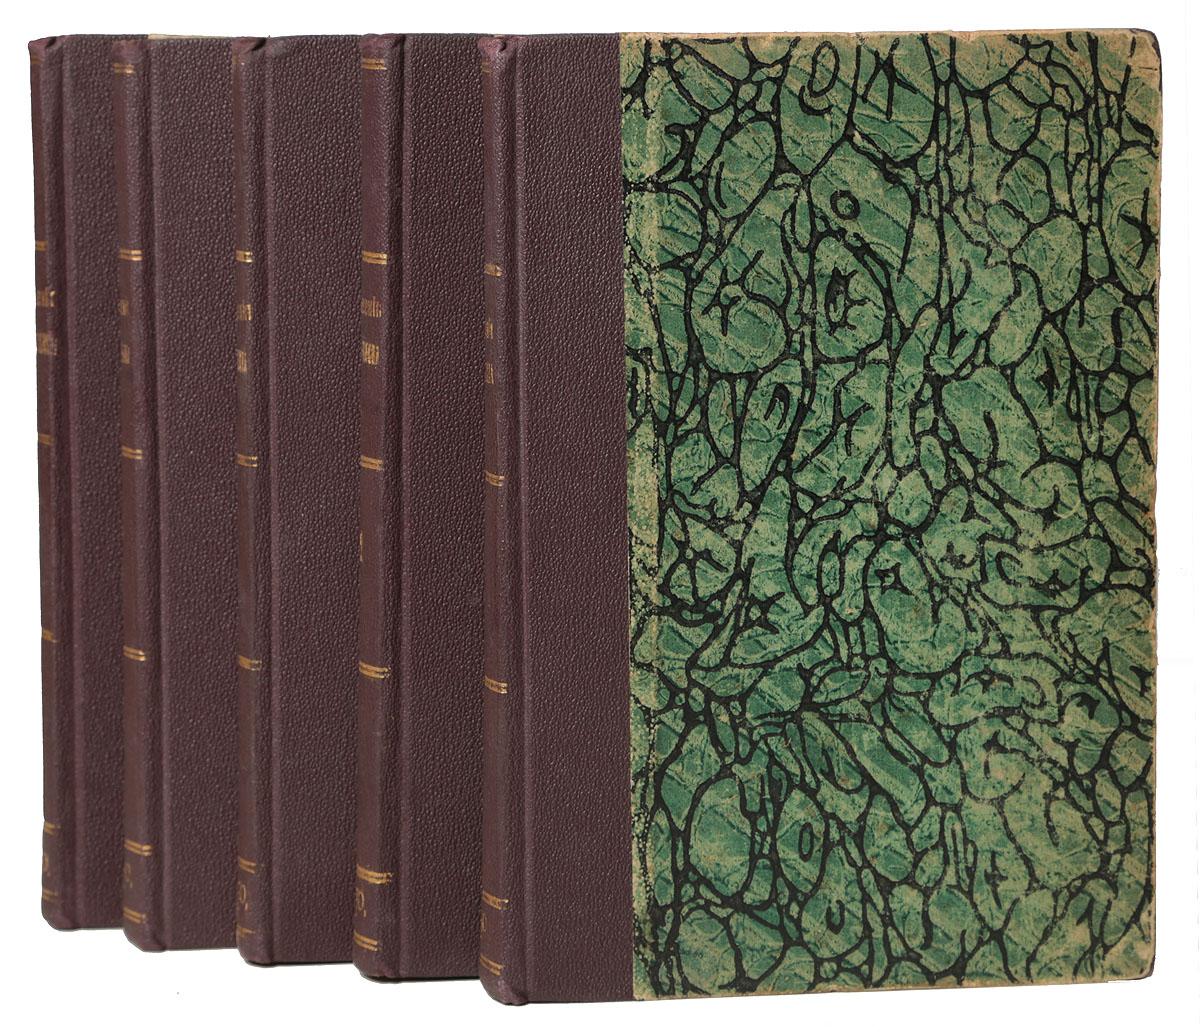 Сочинения Н. А. Добролюбова в 4 томах + дополнительный том (комплект из 5 книг)